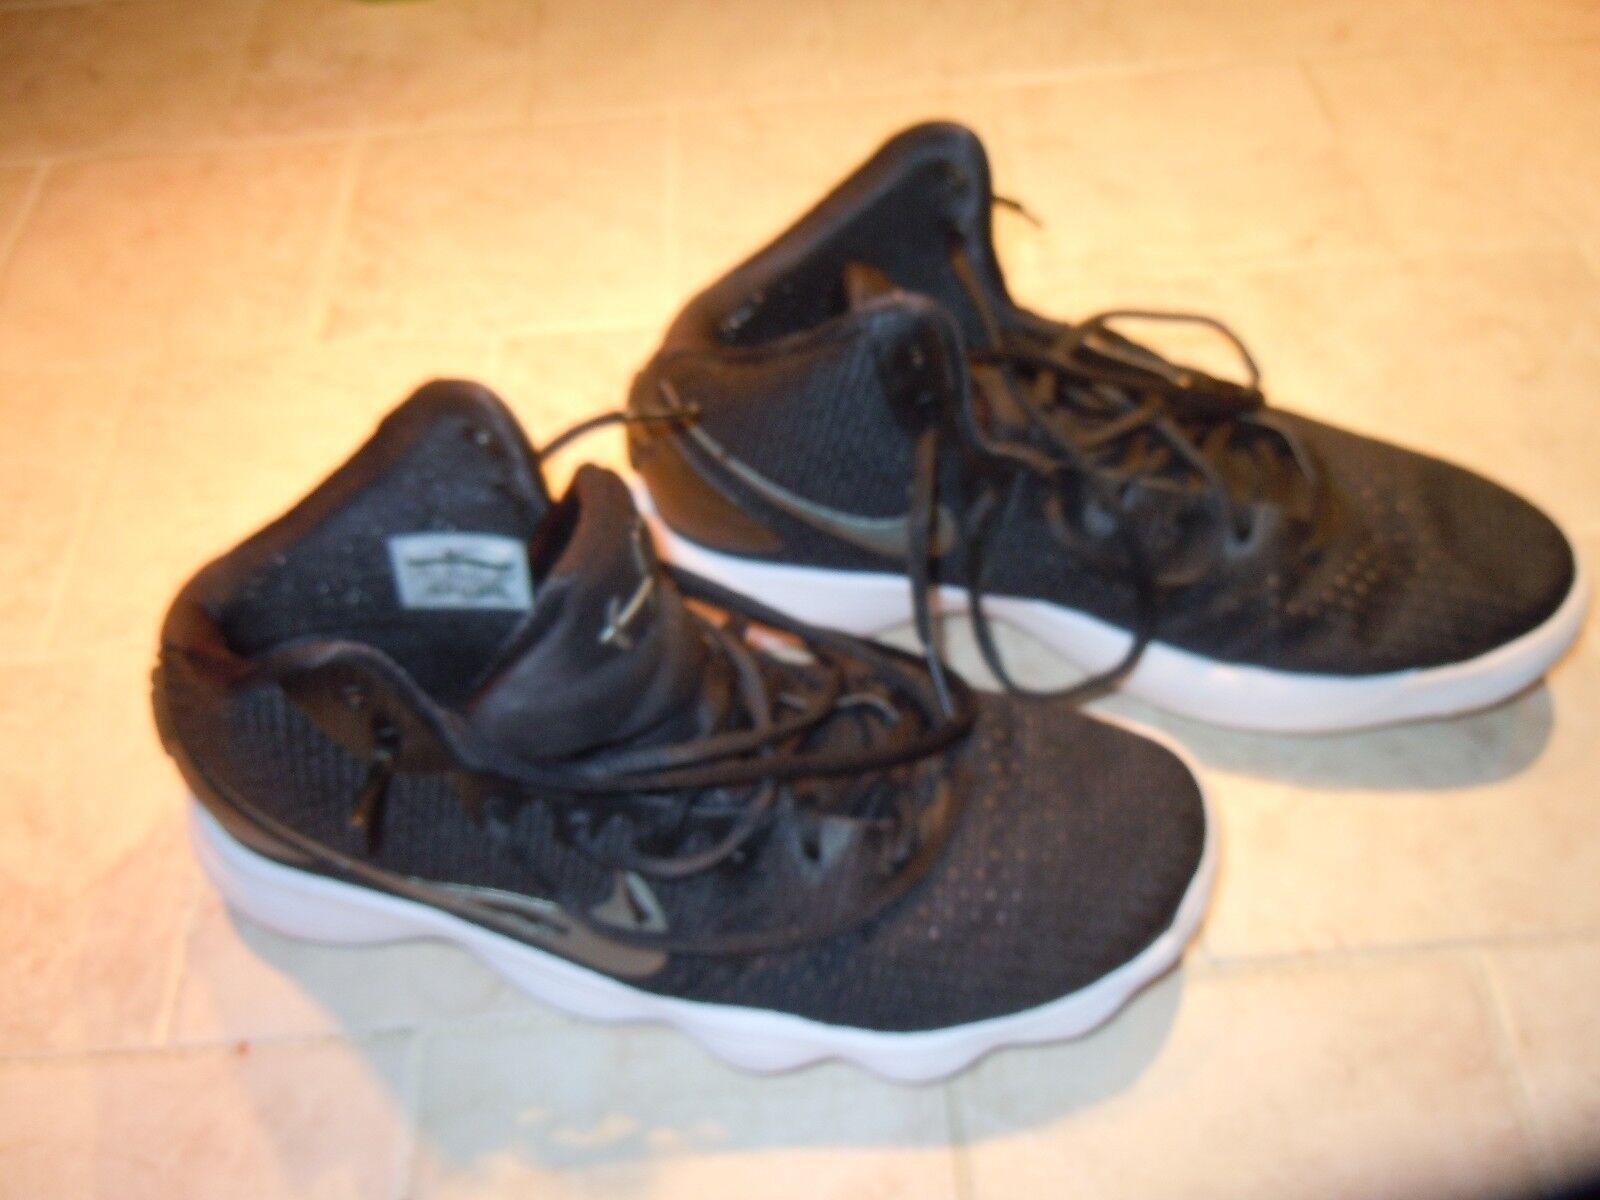 Nike hyperdunk pallacanestro Uomo scarpe taglia 10 1 / 2-nero solido